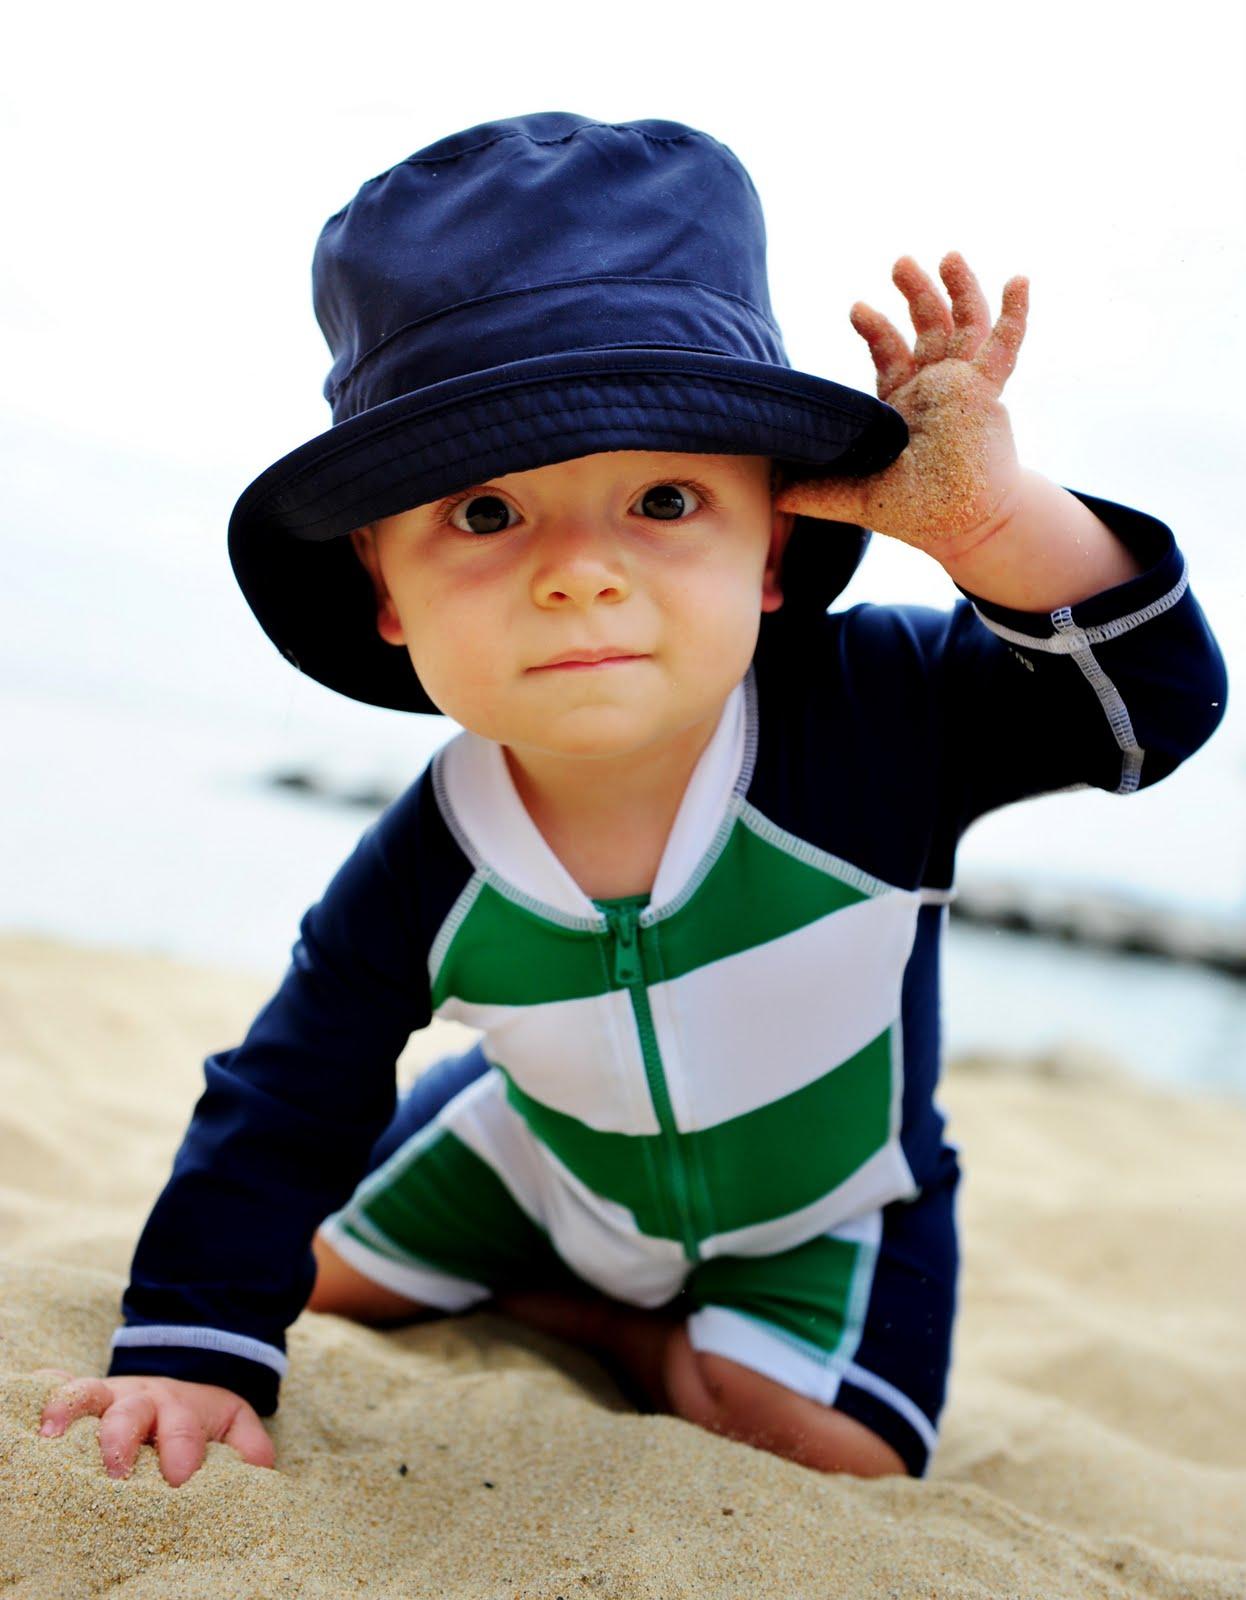 leuke zonnehoedjes voor jongens. Zonnehoedje baby, jongens,meisjes zijn ook te koop bij Stoerekindjes